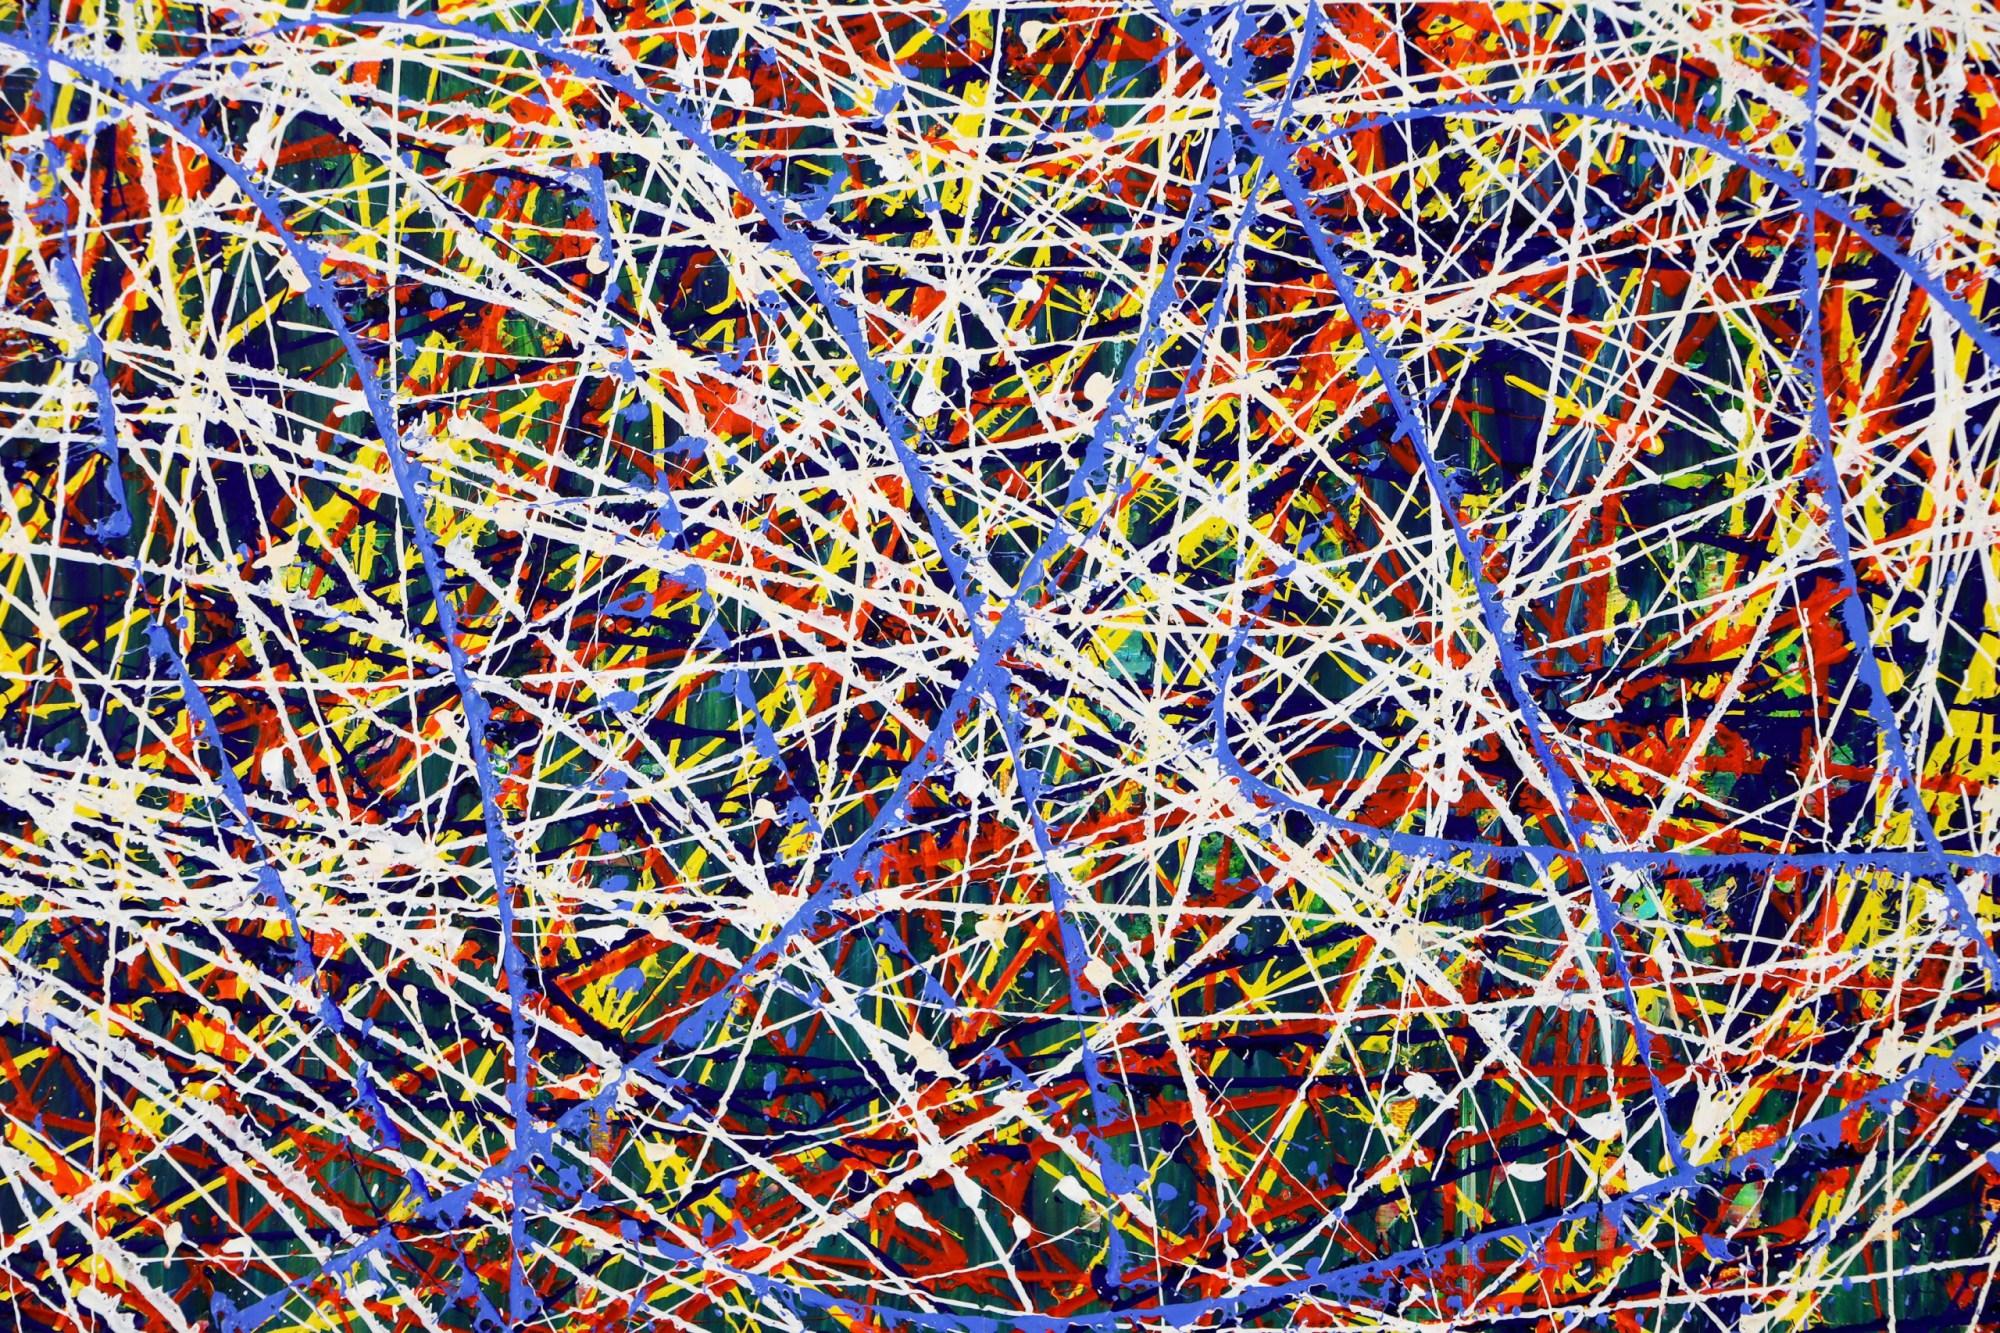 DETAIL / In constant motion (City life) 4 (2021) / Artist: Nestor Toro